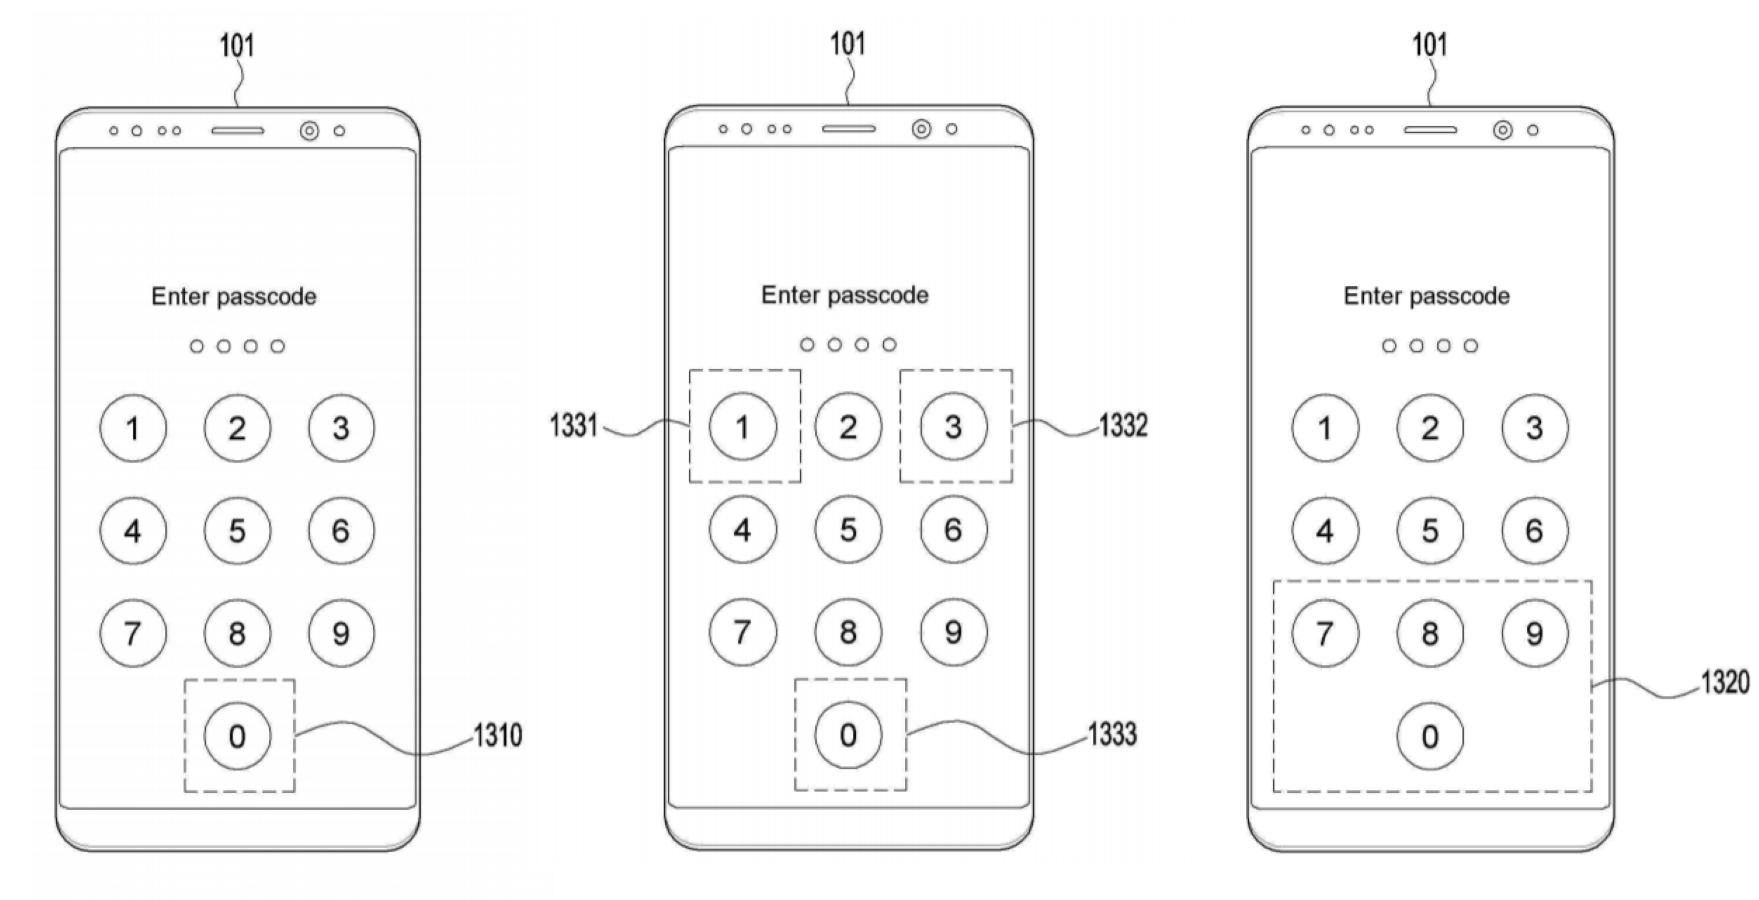 Samsung ma plan na połączenie czytnika linii papilarnych z kodem PIN 19